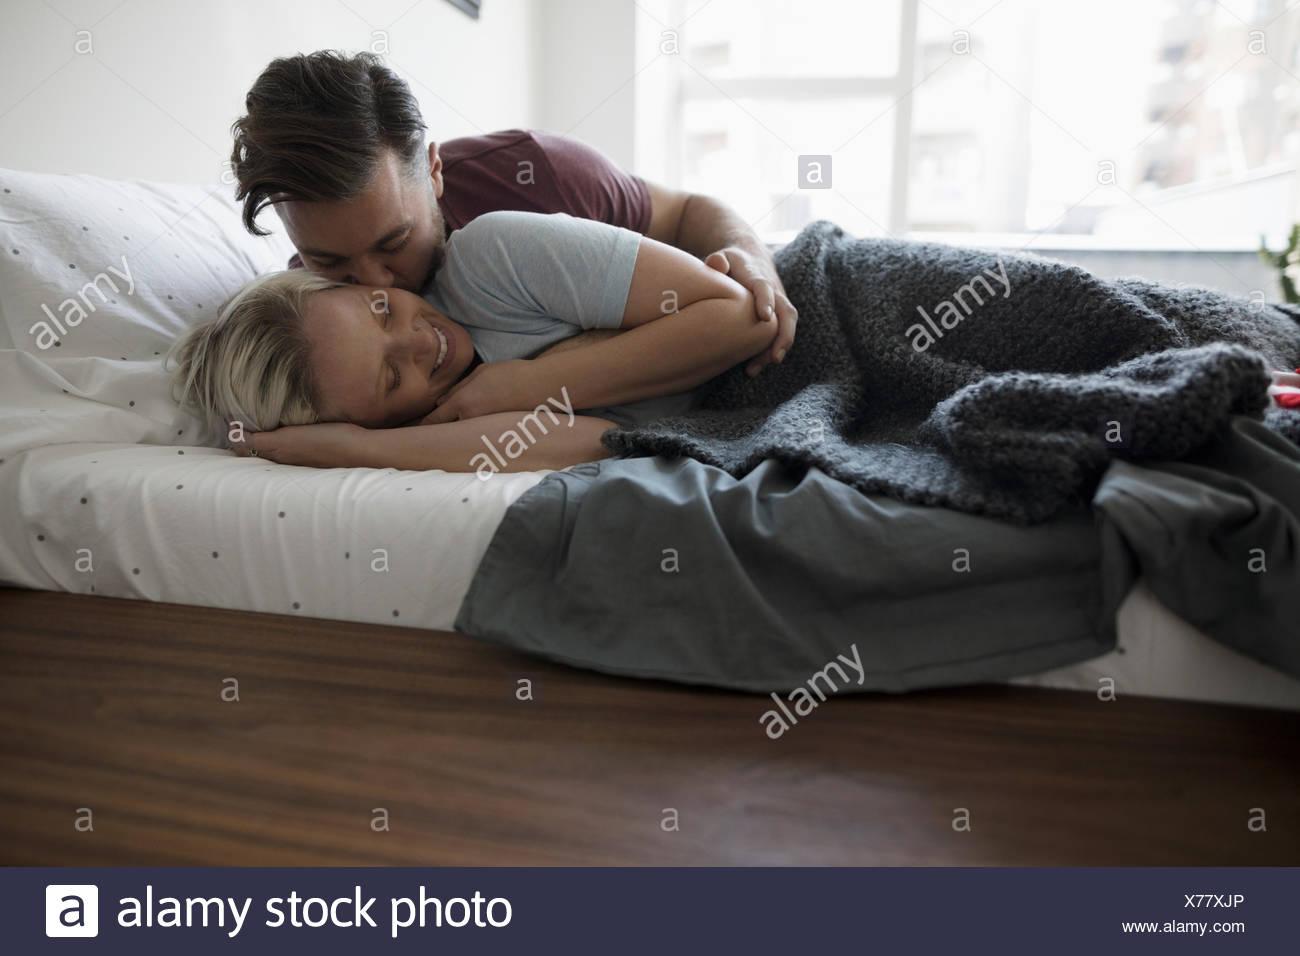 Afectuoso,pareja romántica besos y caricias en la cama Imagen De Stock